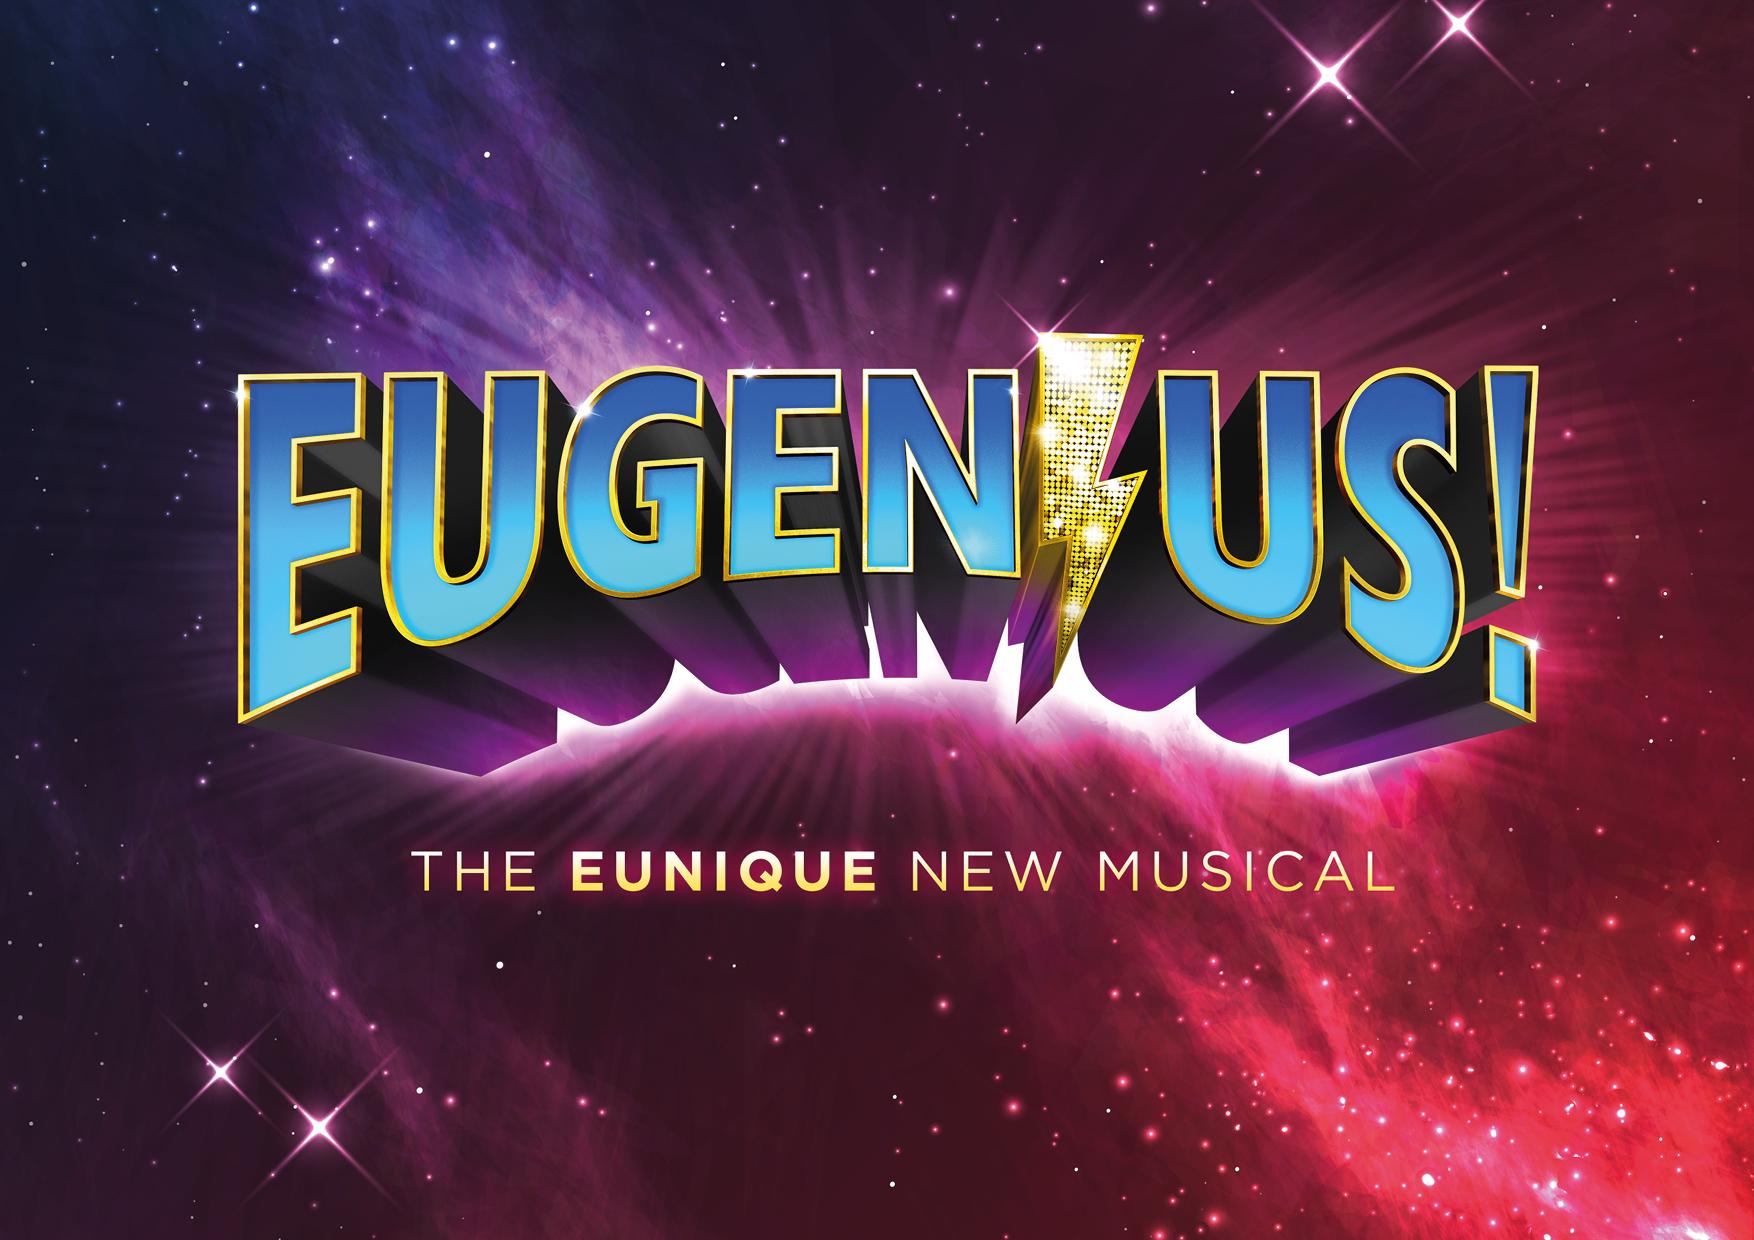 Eugenius_A6.jpg